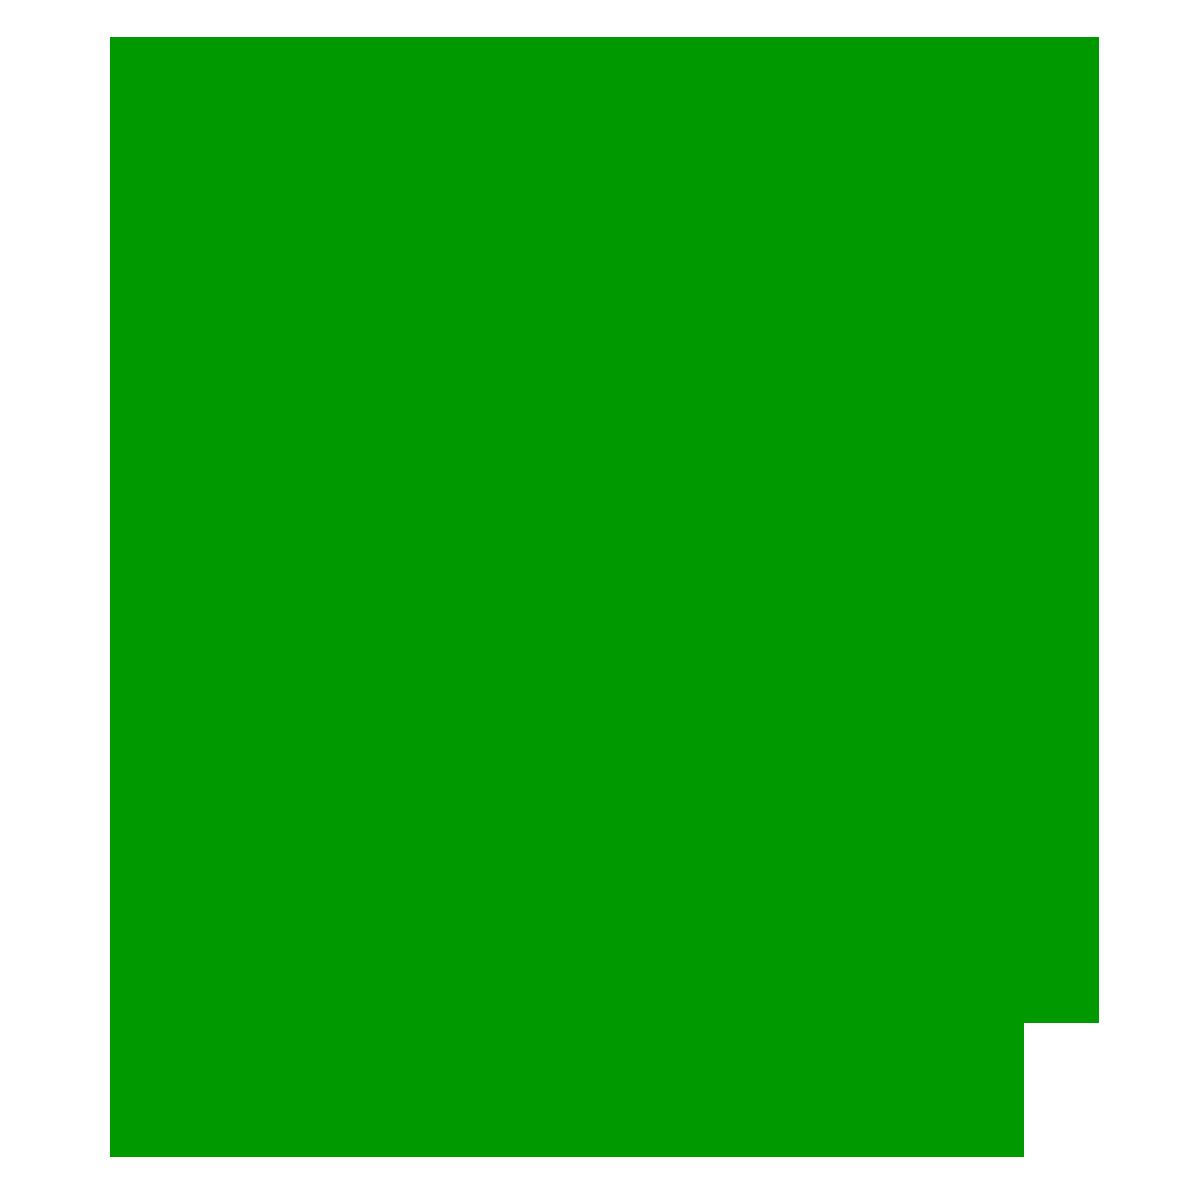 日本列島のイメージ写真